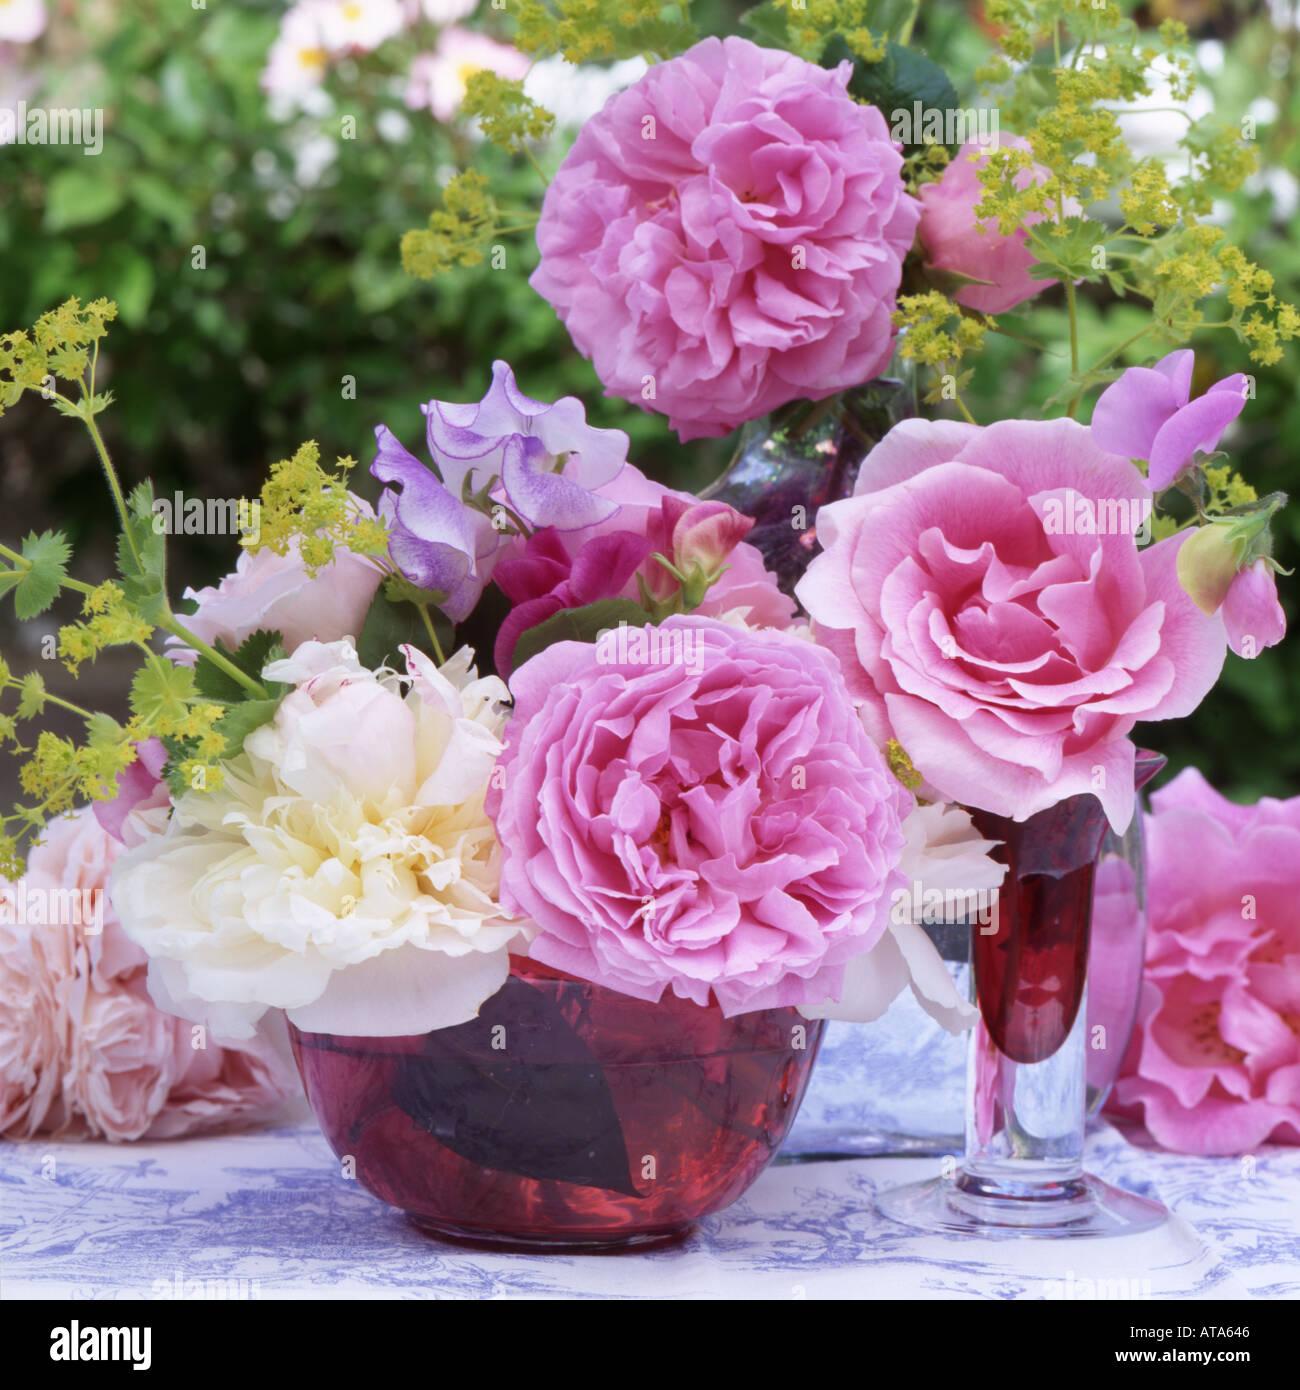 Blumenstilleben mit Rosen, Pfingstrosen und Zuckererbsen und Cranberry Glas in einen englischen Garten Stockbild